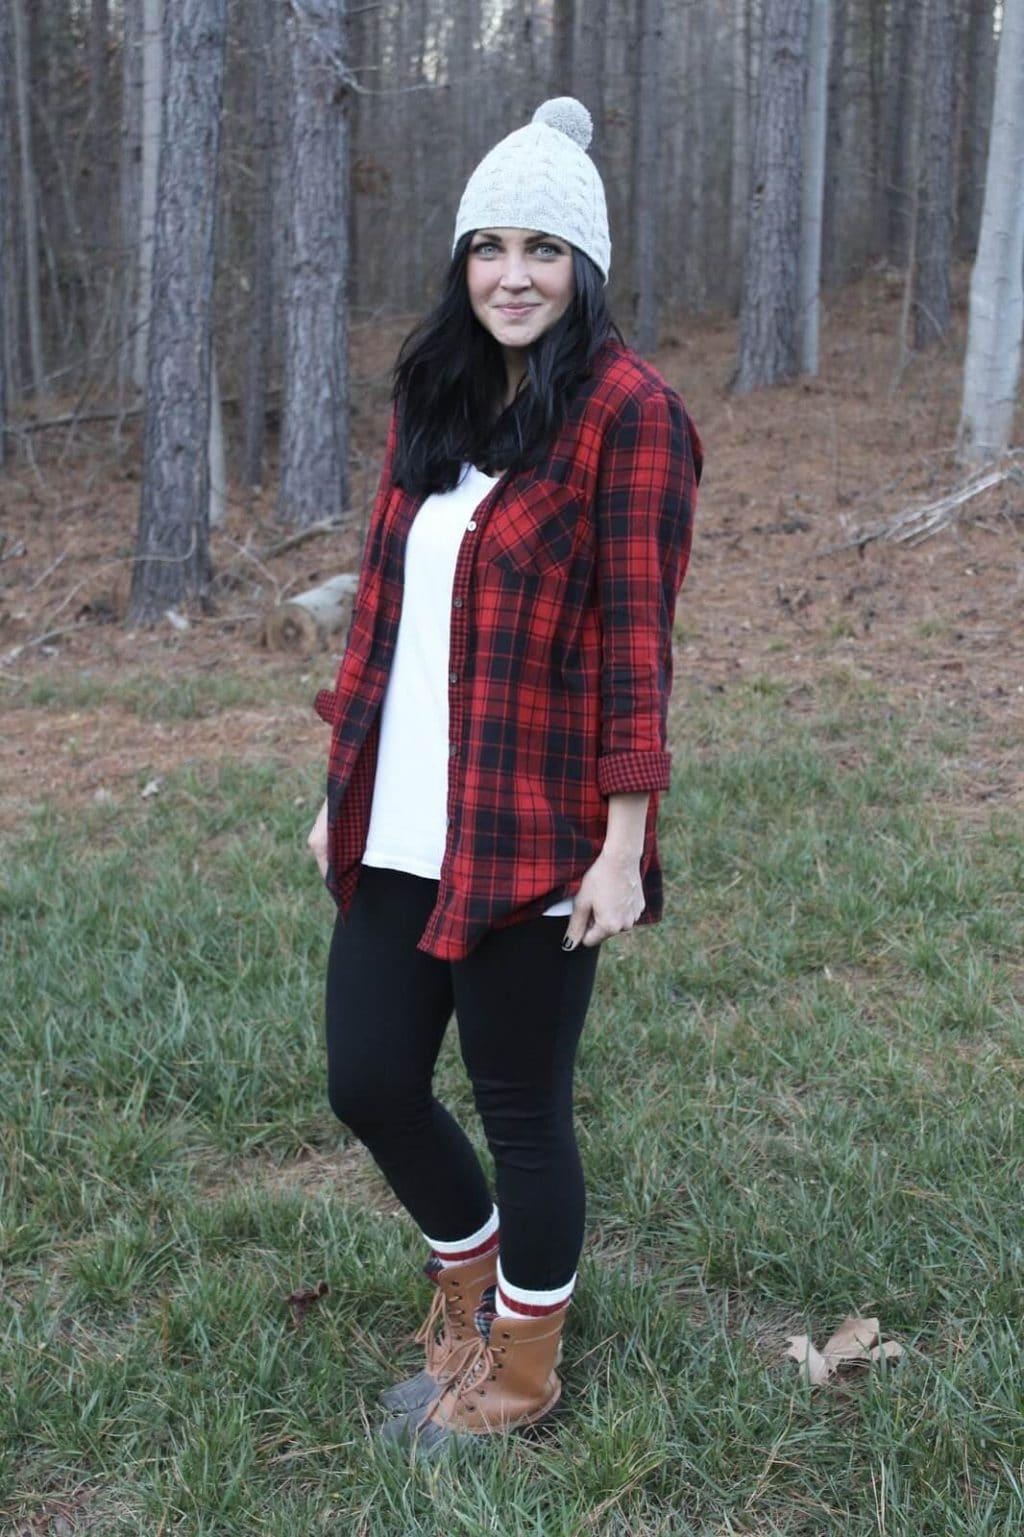 plaid shirt, leggings, duck boots, beanie